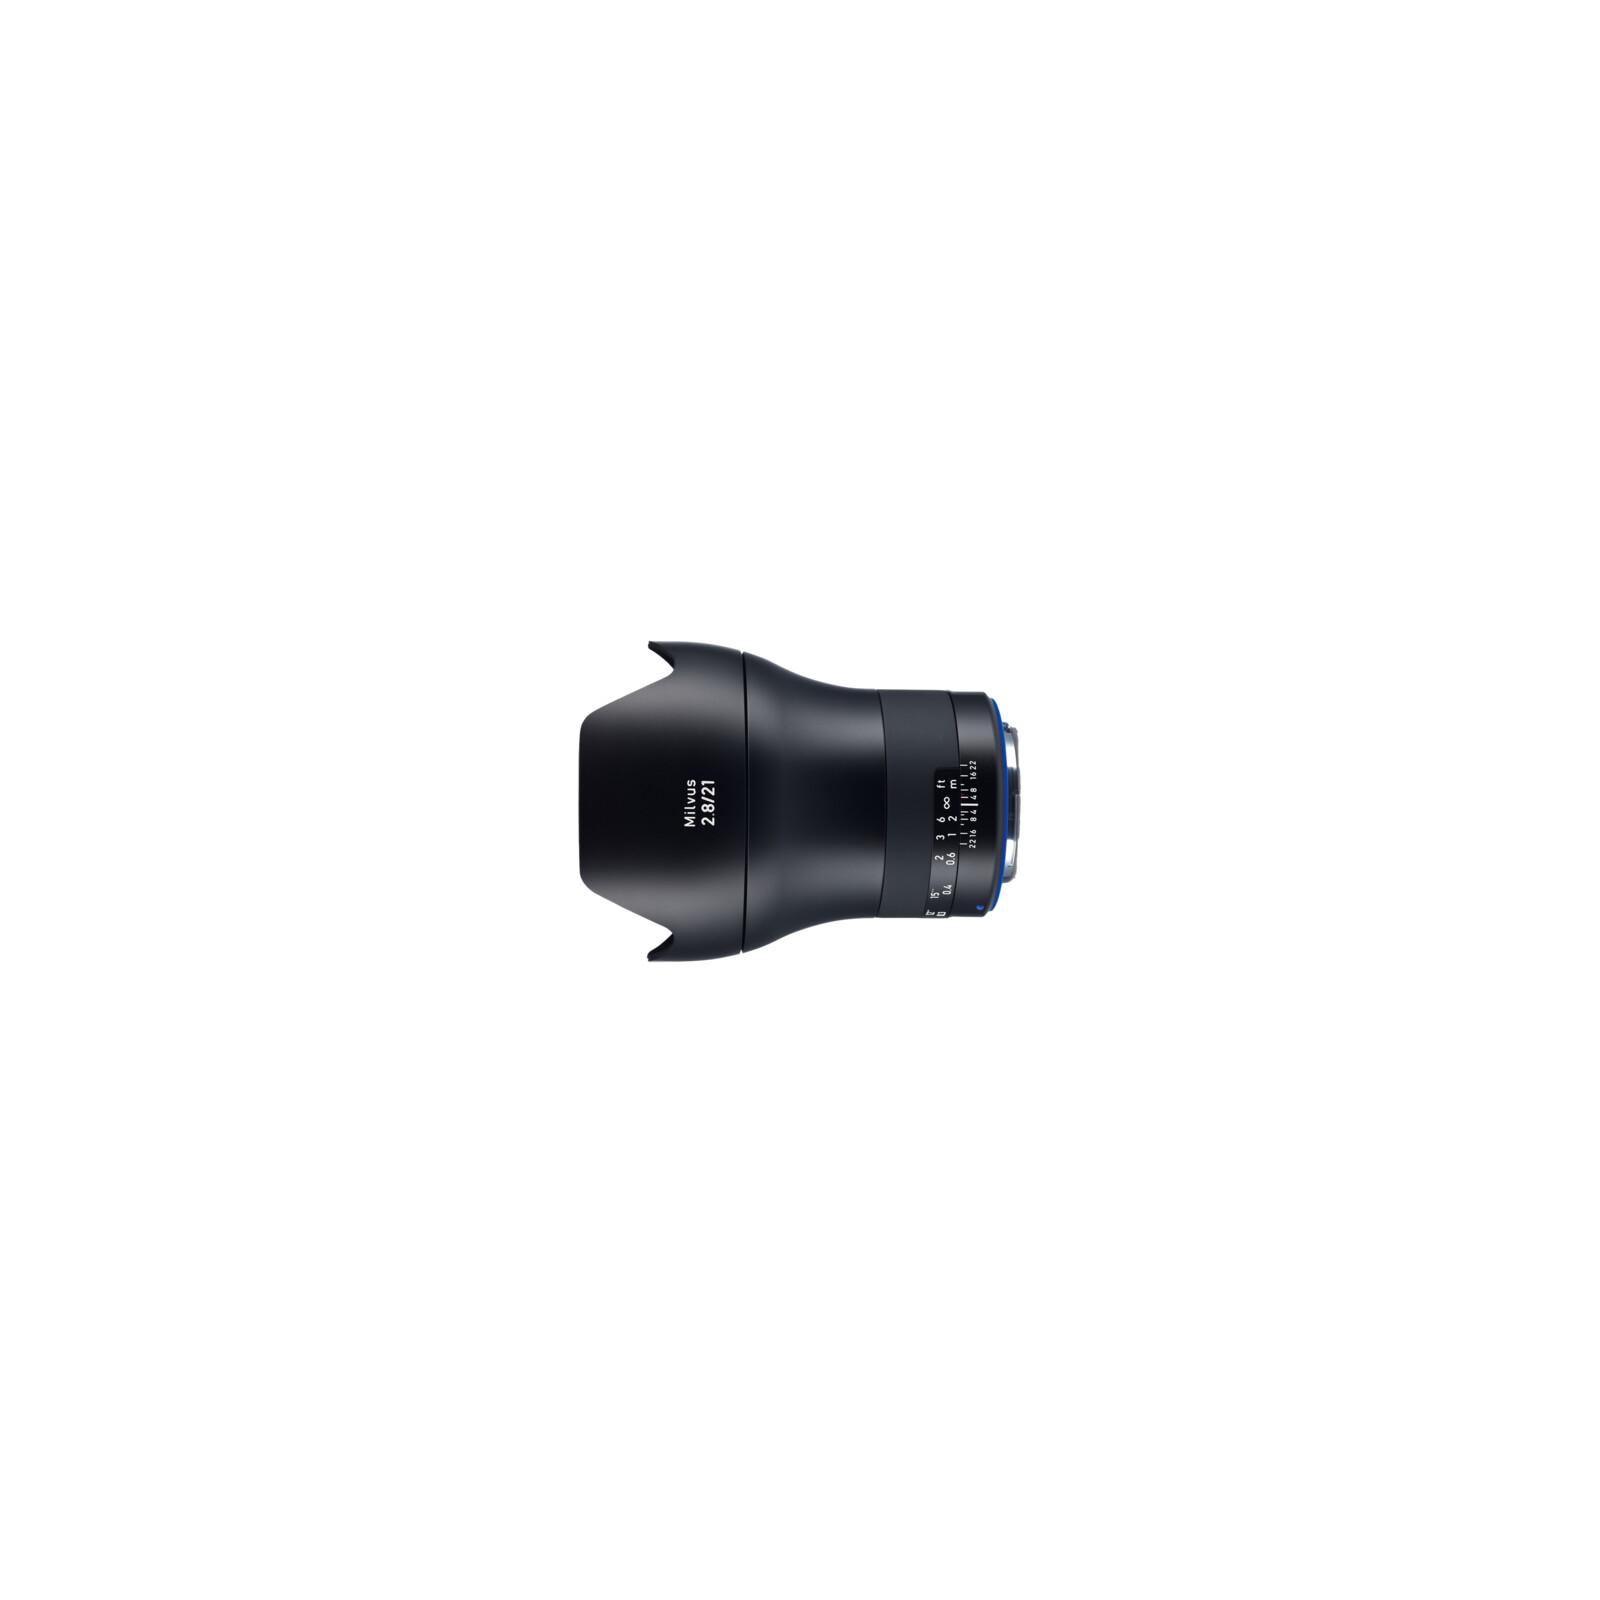 Zeiss Milvus 21/2,8 ZE Canon